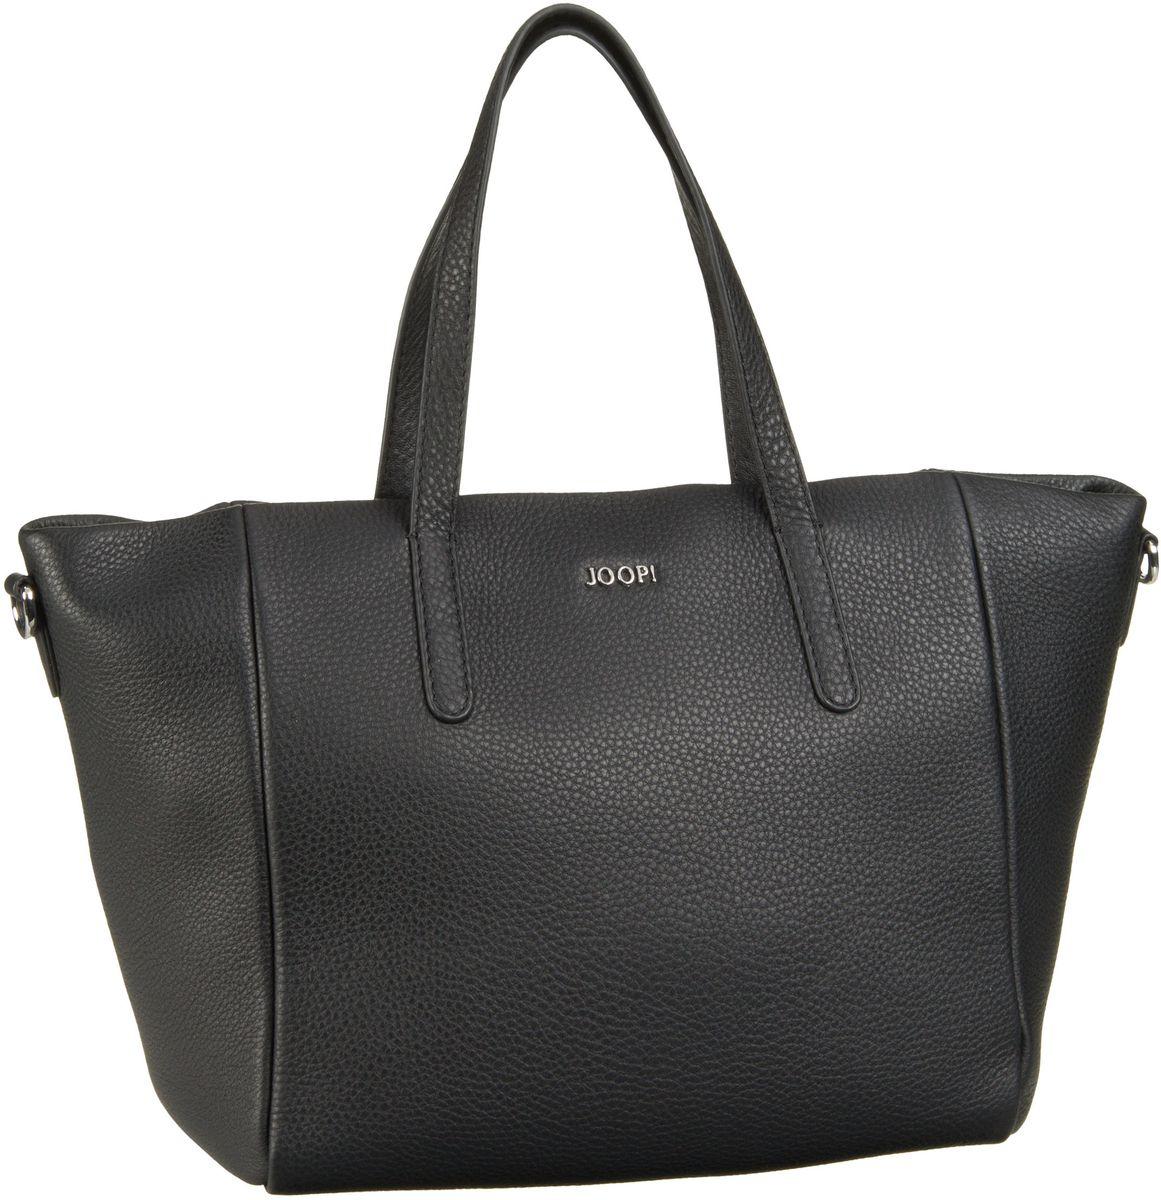 Handtaschen für Frauen - Joop Handtasche Nature Grain Helena HandBag MHZ Black Silver  - Onlineshop Taschenkaufhaus